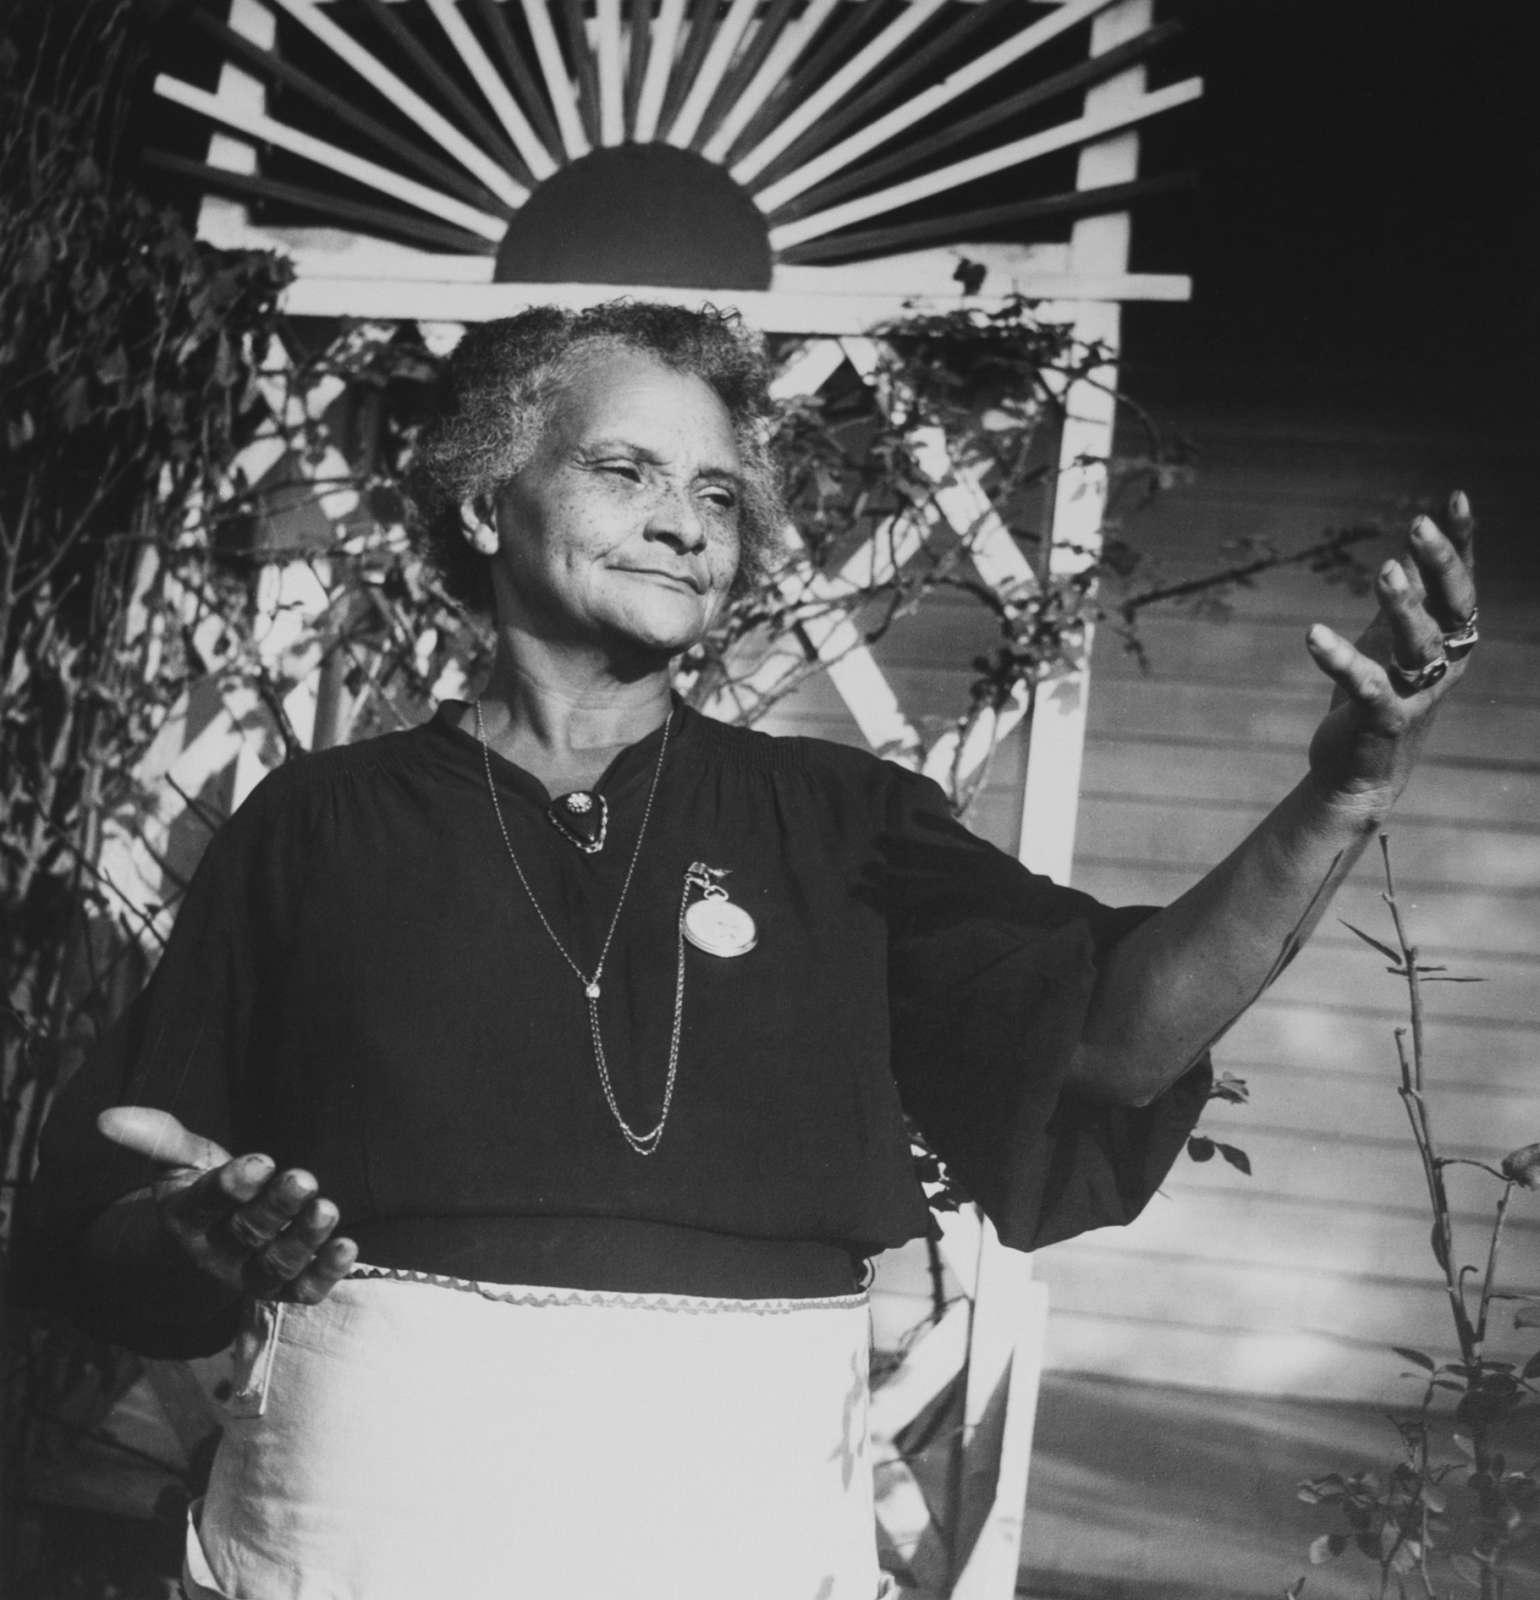 Eudora Welty, Eudora Welty Twenty Photographs Portfolio: Old Midwife (Ida M'Toy), Jackson, Mississippi, 1980